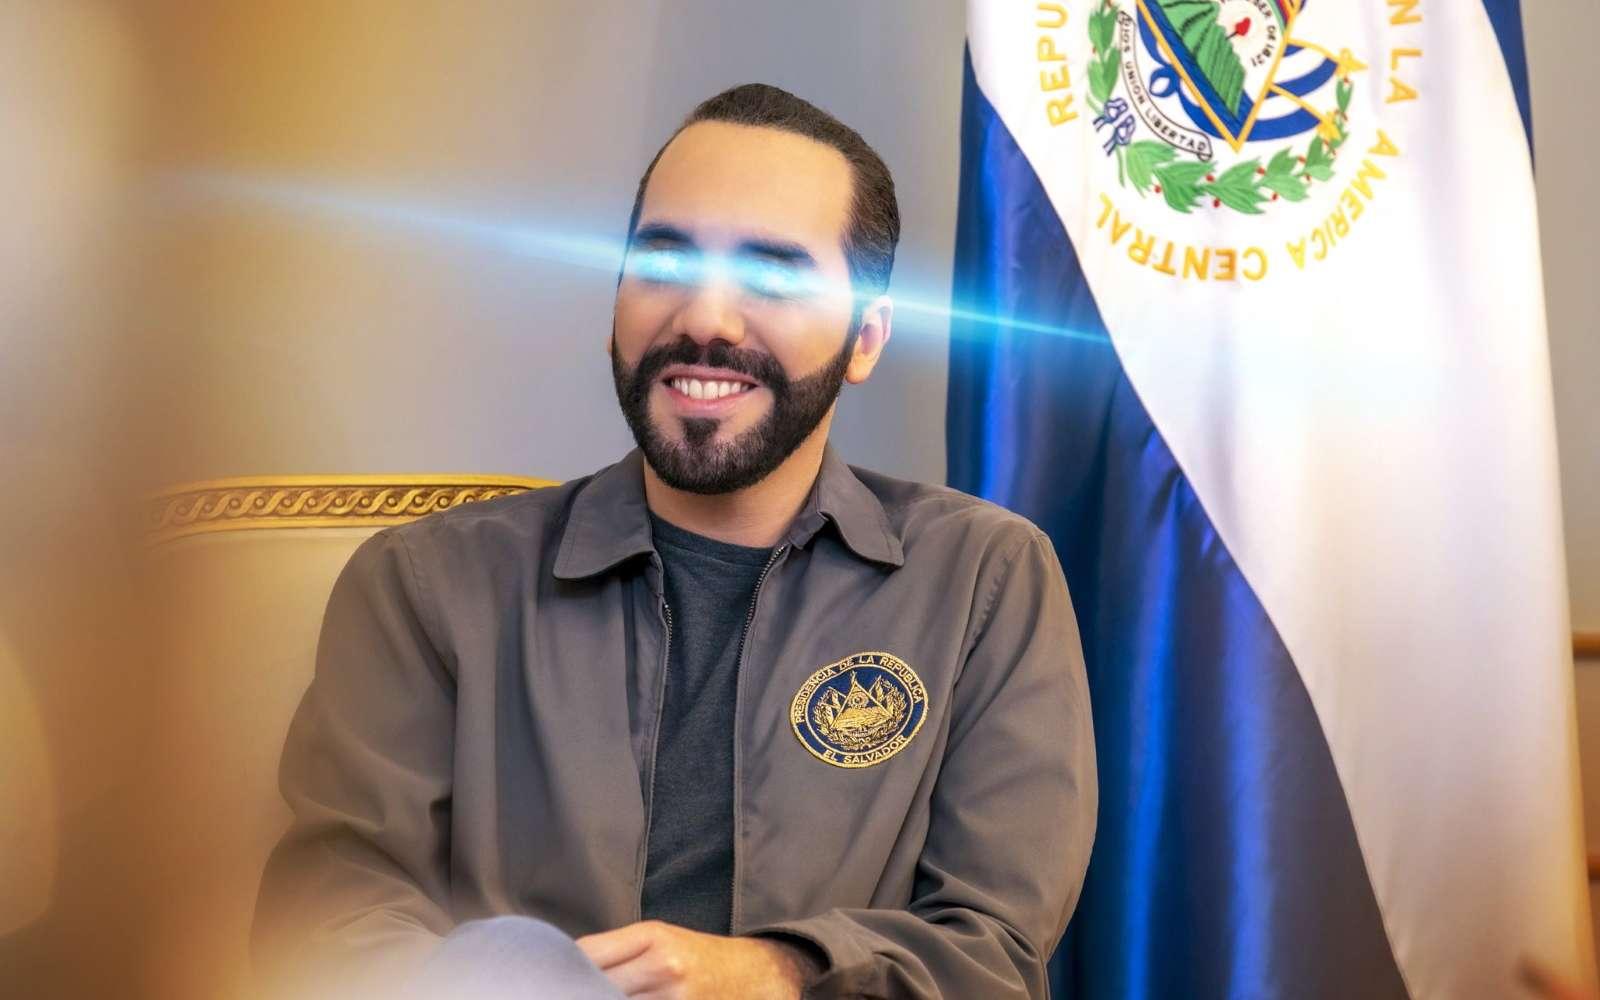 Un rayon bleu au niveau des yeux sur la photo de profil Twitter du président salvatorien pour symboliser l'adoption du Bitcoin comme monnaie légale. © Twitter